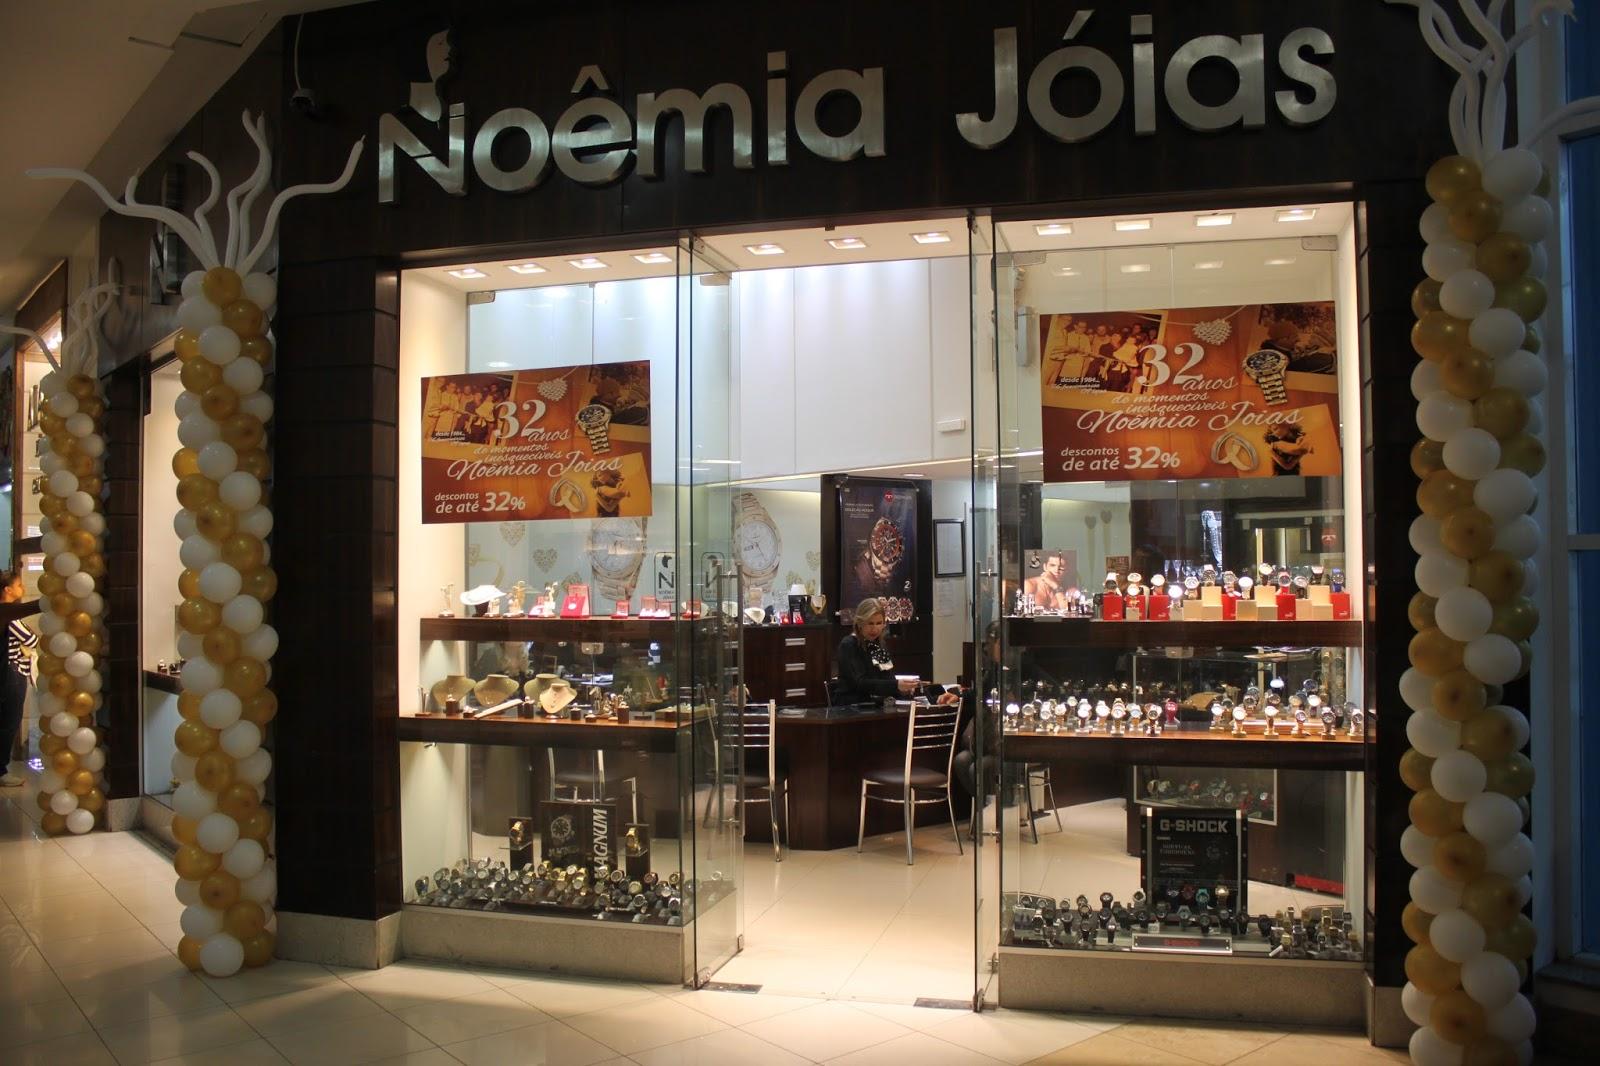 e80bca5c17a Aquele que participar do concurso cultural enviando o momento inesquecível  no site www.momentosinesqueciveis.noemiajoias.com.br concorrerá a um anel  com ...